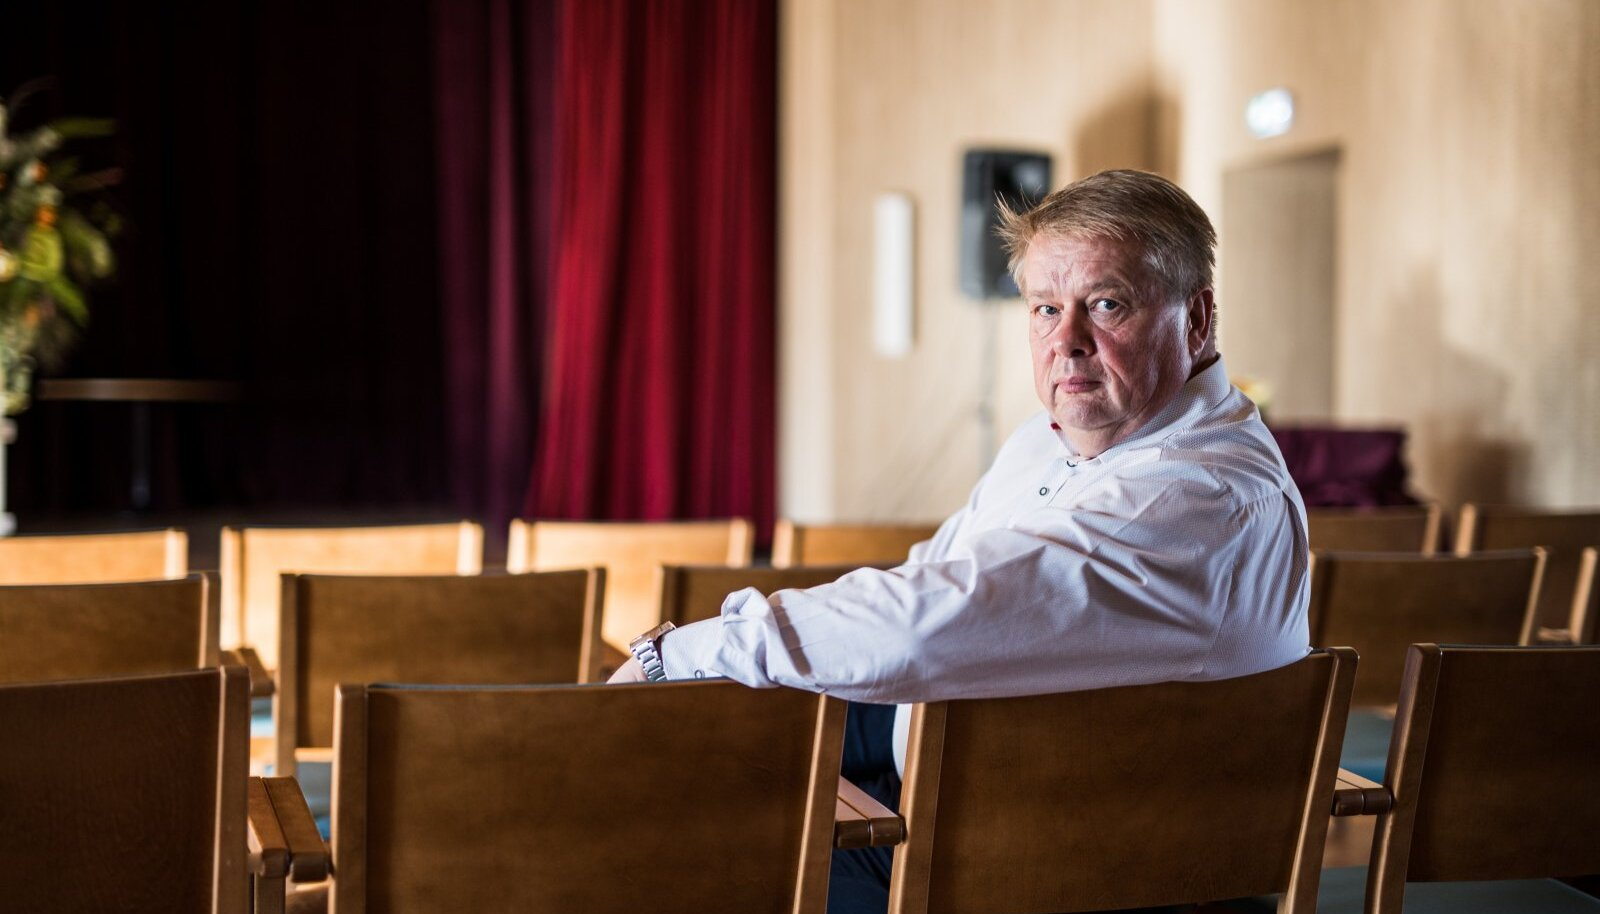 Rain Sangernebo on olnud Nõo vallavanem juba 18 aastat, mis teeb temast Eesti kõige pikema staažiga vallavanema. Kuigi ta kandideerib valimistel, on ta otsustanud vallavanema kohast loobuda.